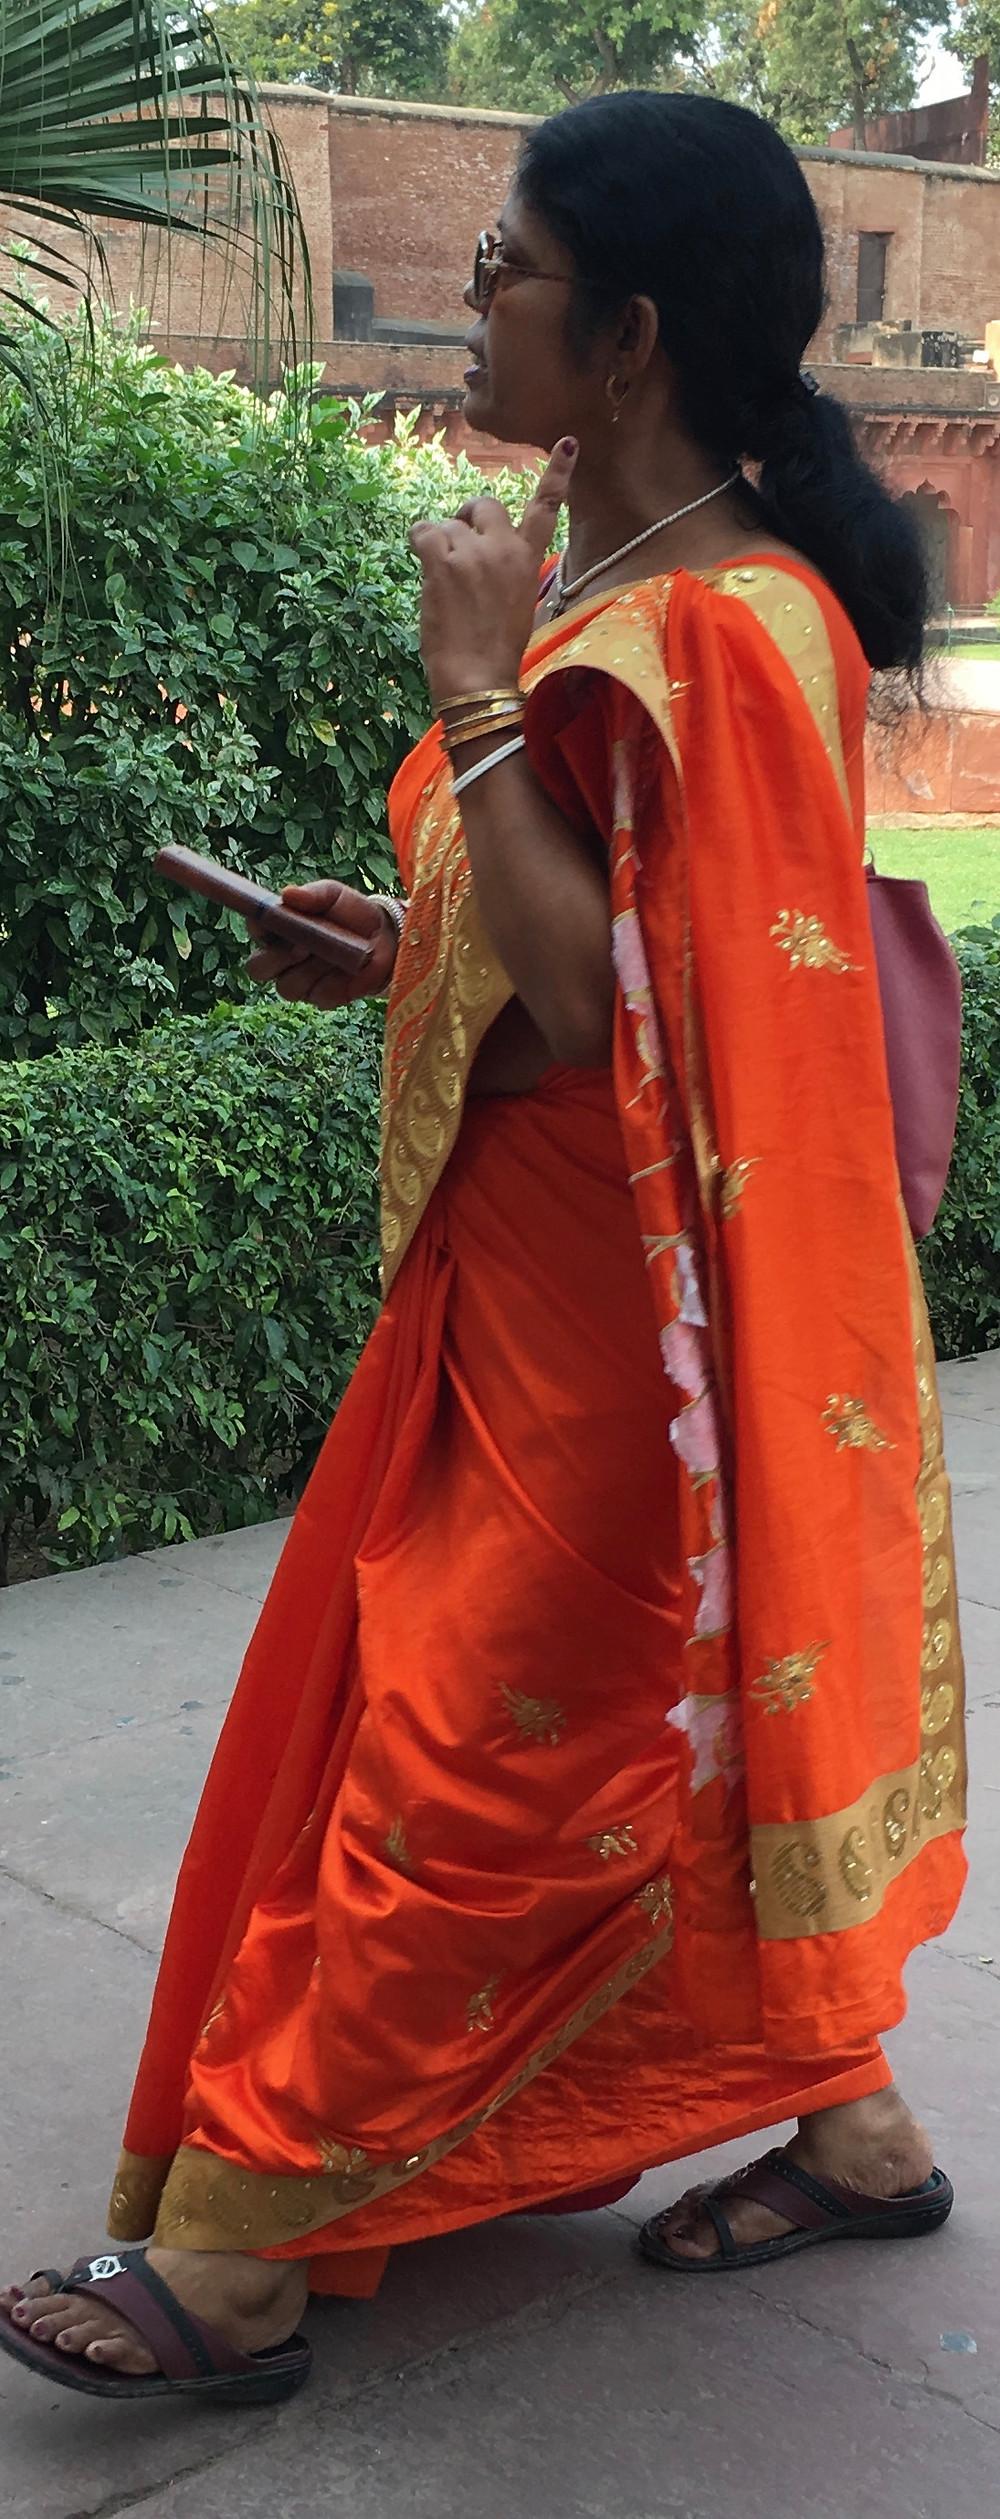 Colorful Sari